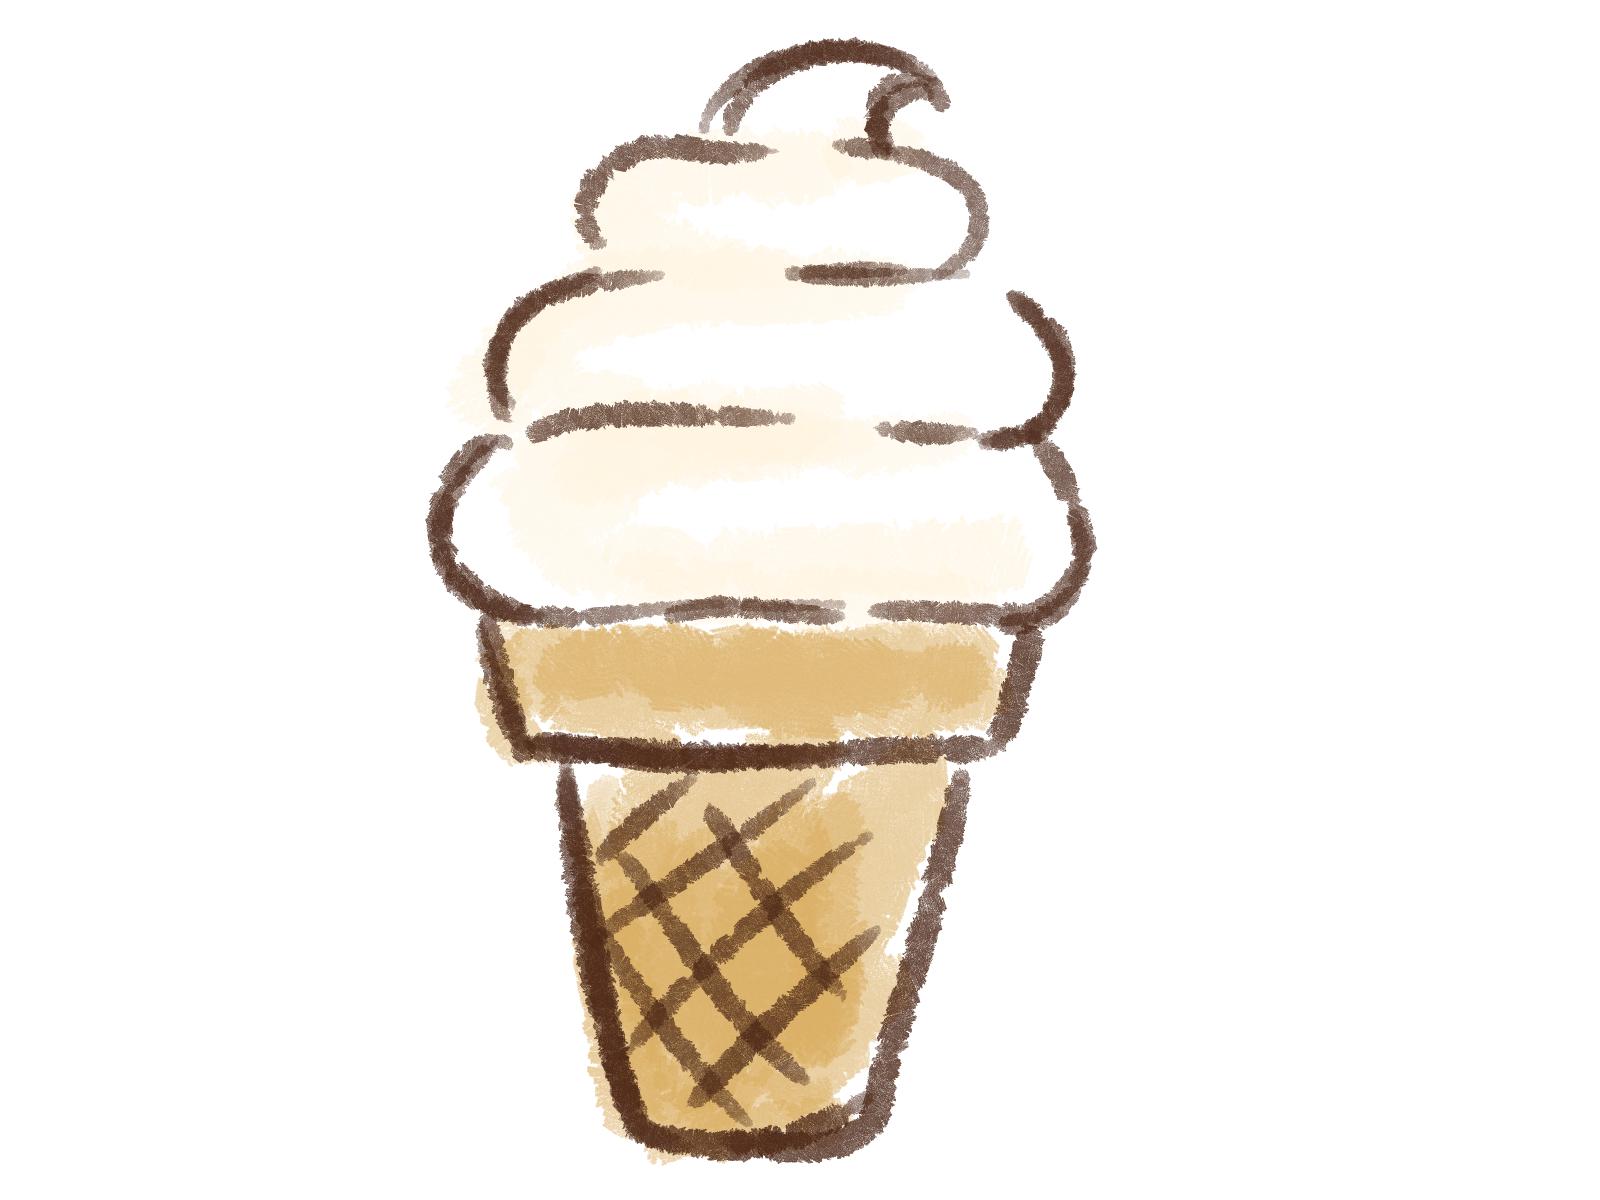 ソフトクリームの日